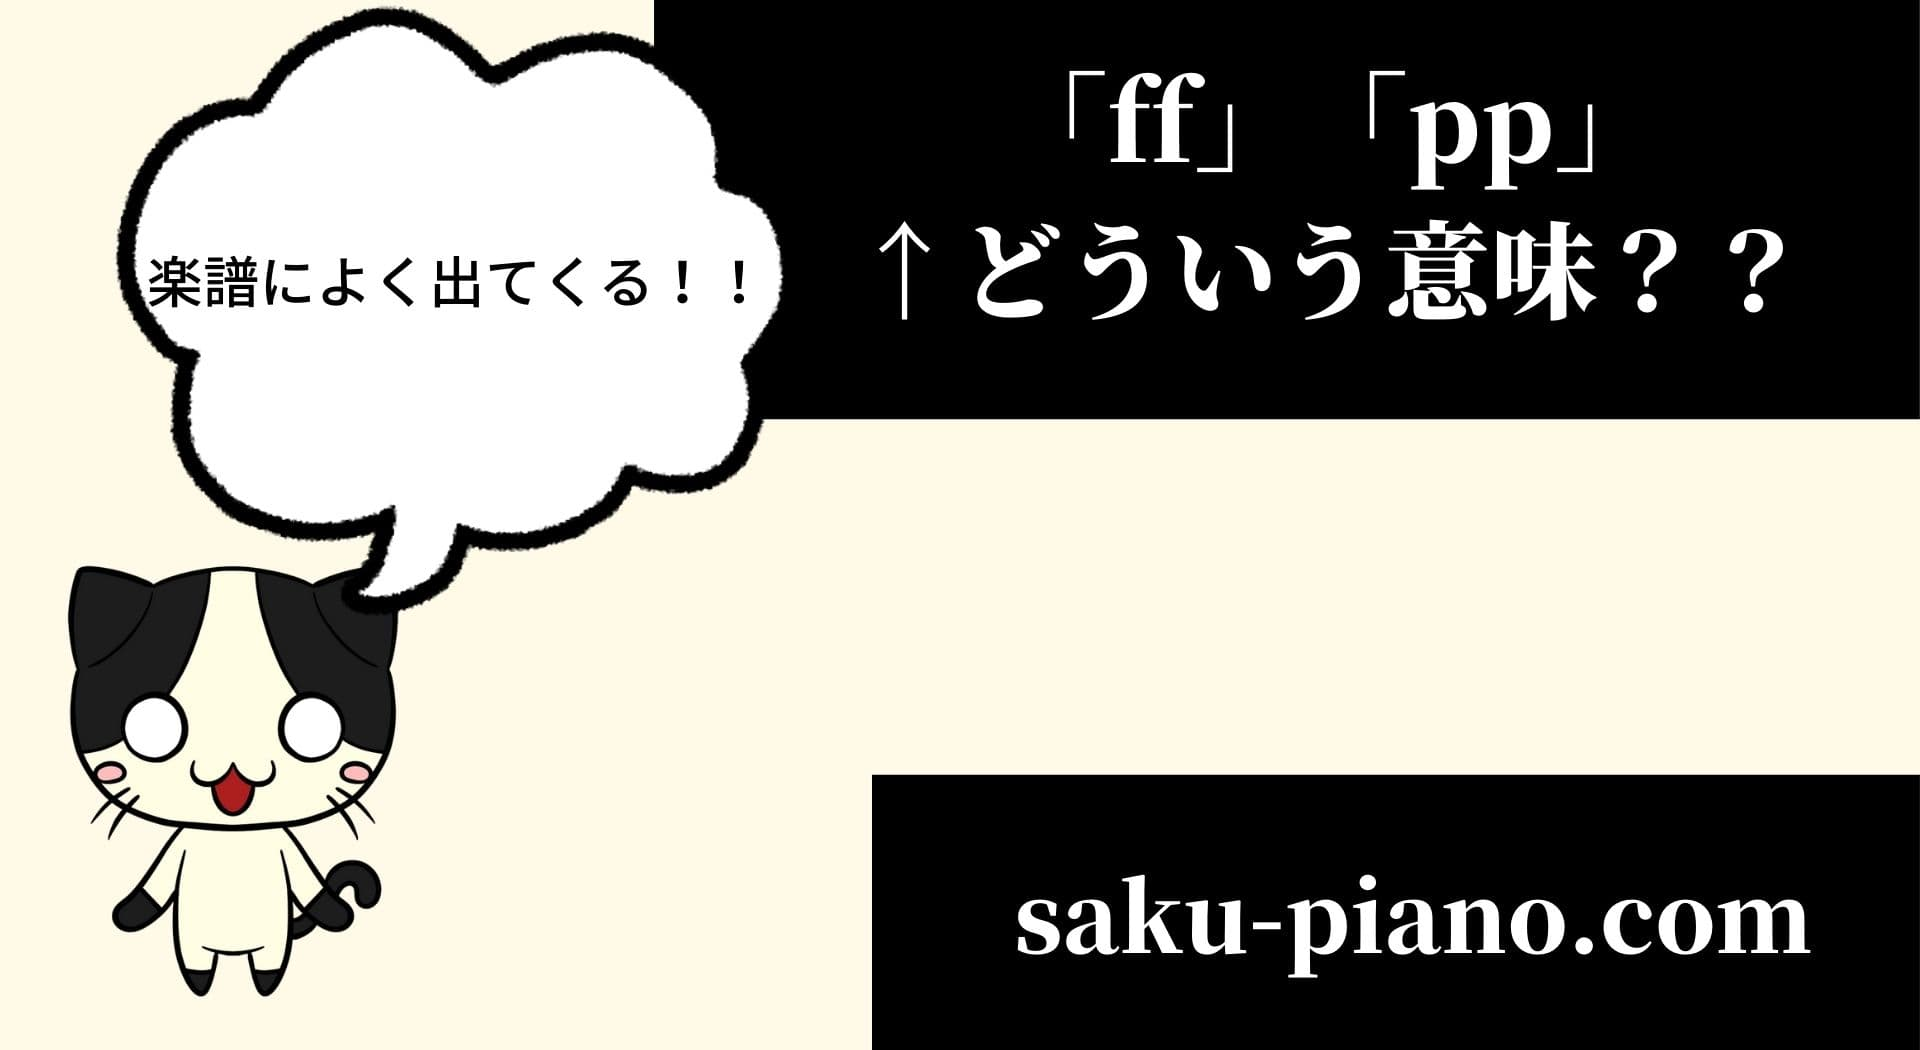 「「ff? pp?」ピアノの楽譜に出てくるこれ、どういう意味???」のアイキャッチ画像